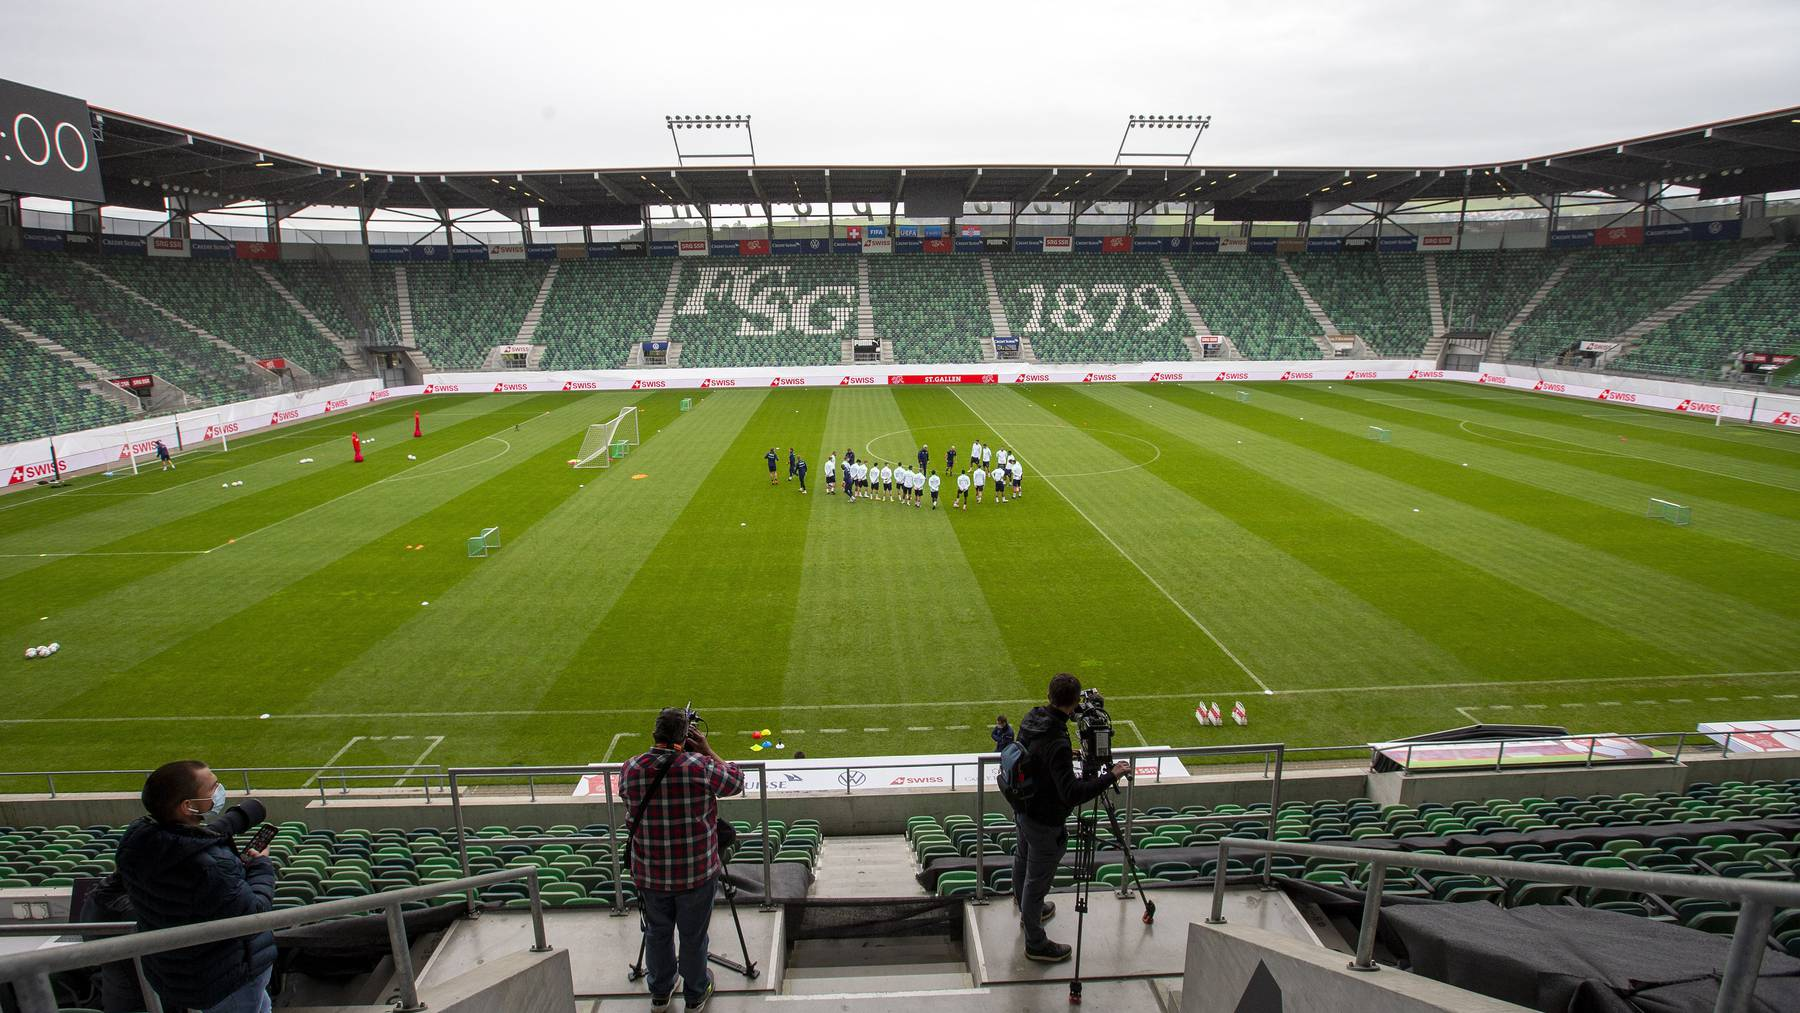 Der Regierungsrat sieht derzeit keinen Grund, den FC St. Gallen wieder vor leeren Rängen spielen zu lassen. (Archivbild)